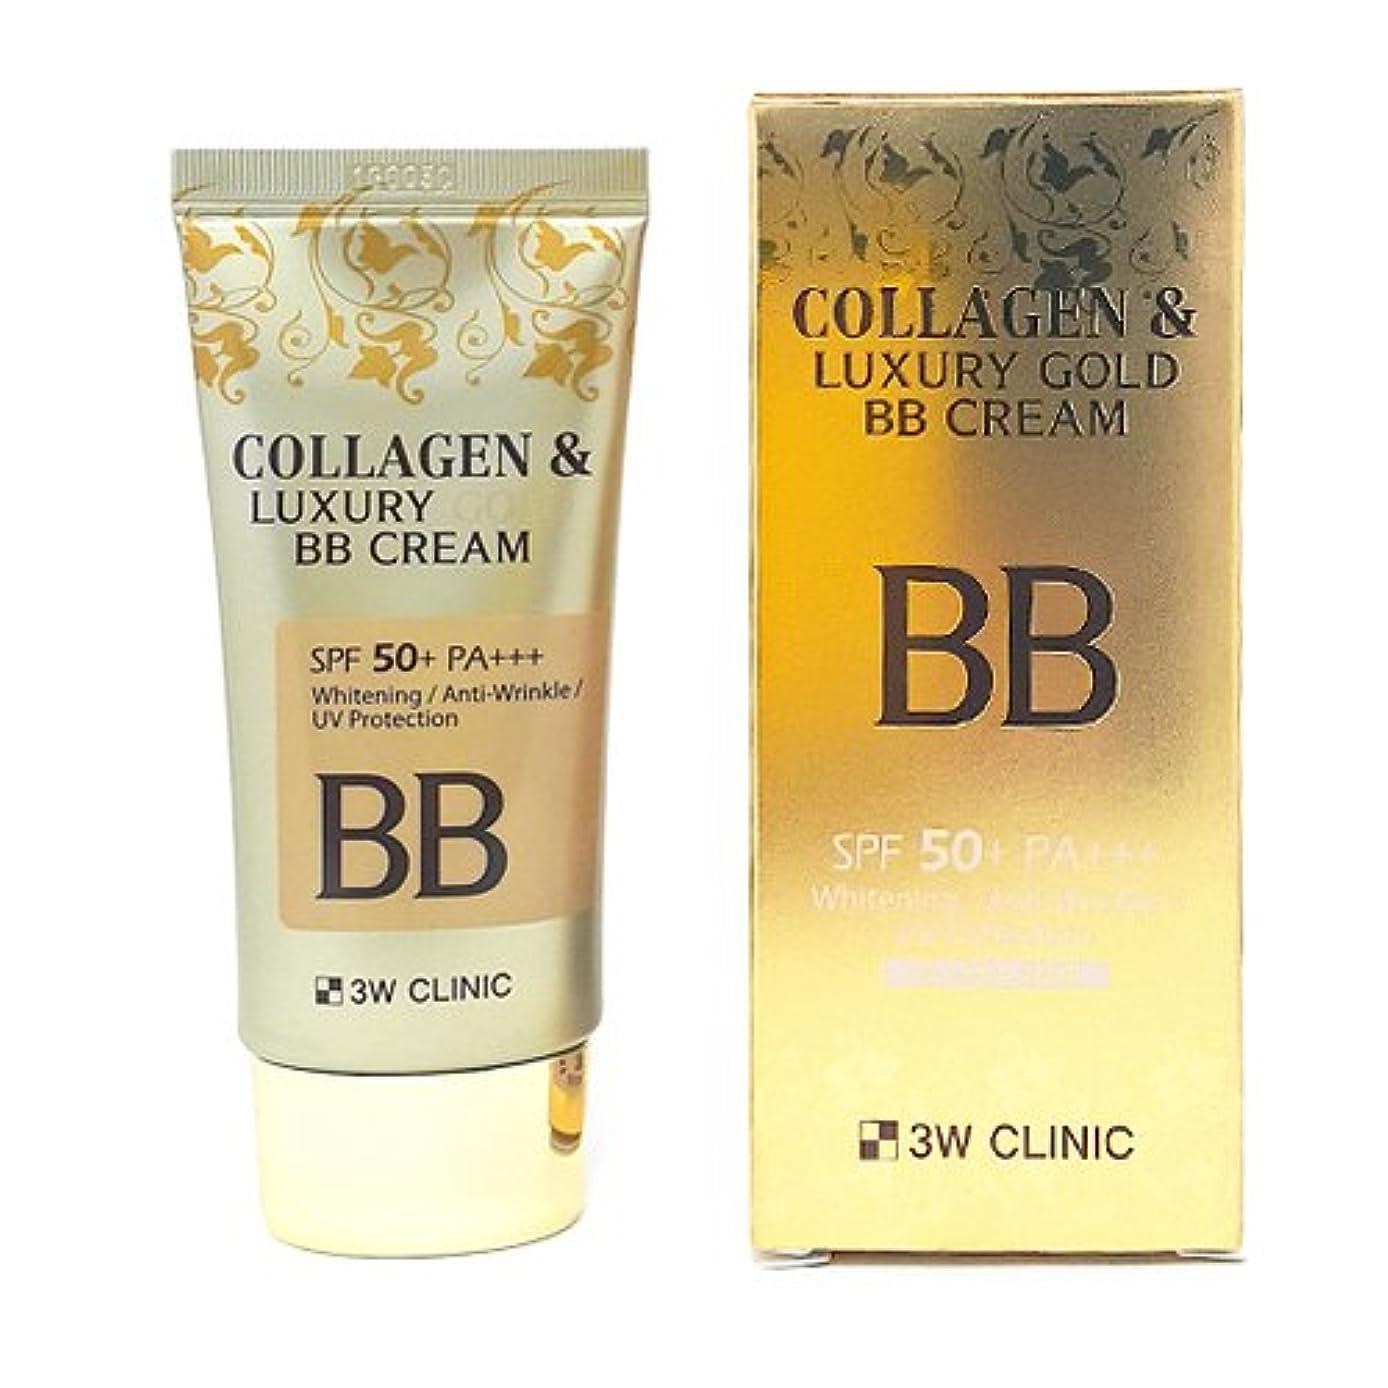 力嫌がる男性3Wクリニック[韓国コスメ3w Clinic]Collagen & Luxury Gold BB Cream コラーゲンラグジュアリーゴールド BBクリーム50ml 50+/PA+++[並行輸入品]